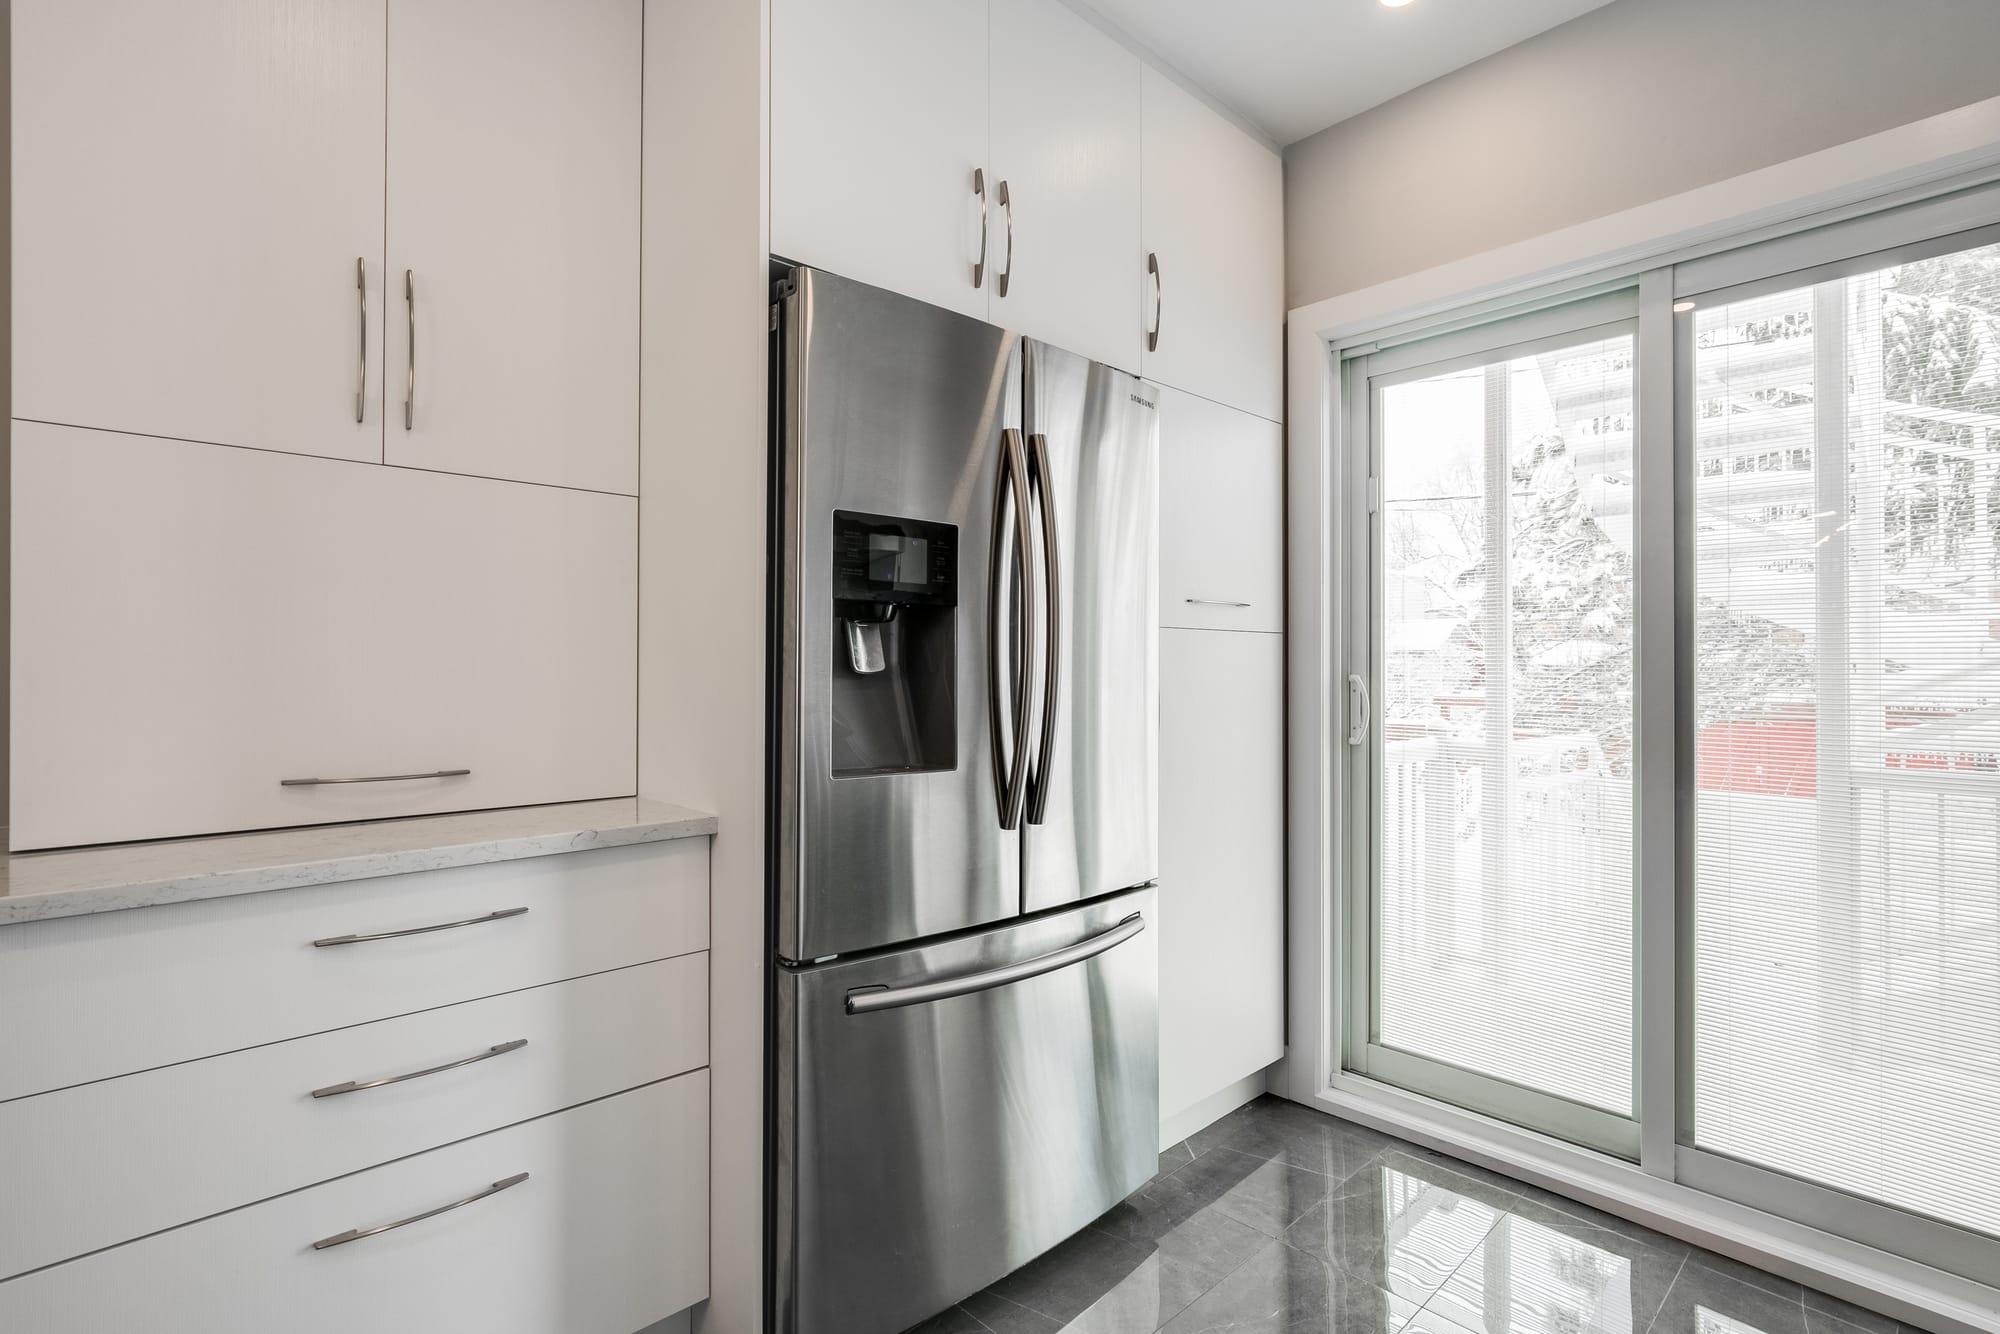 design cuisine avec armoires blanches et réfrigérateur en stainless